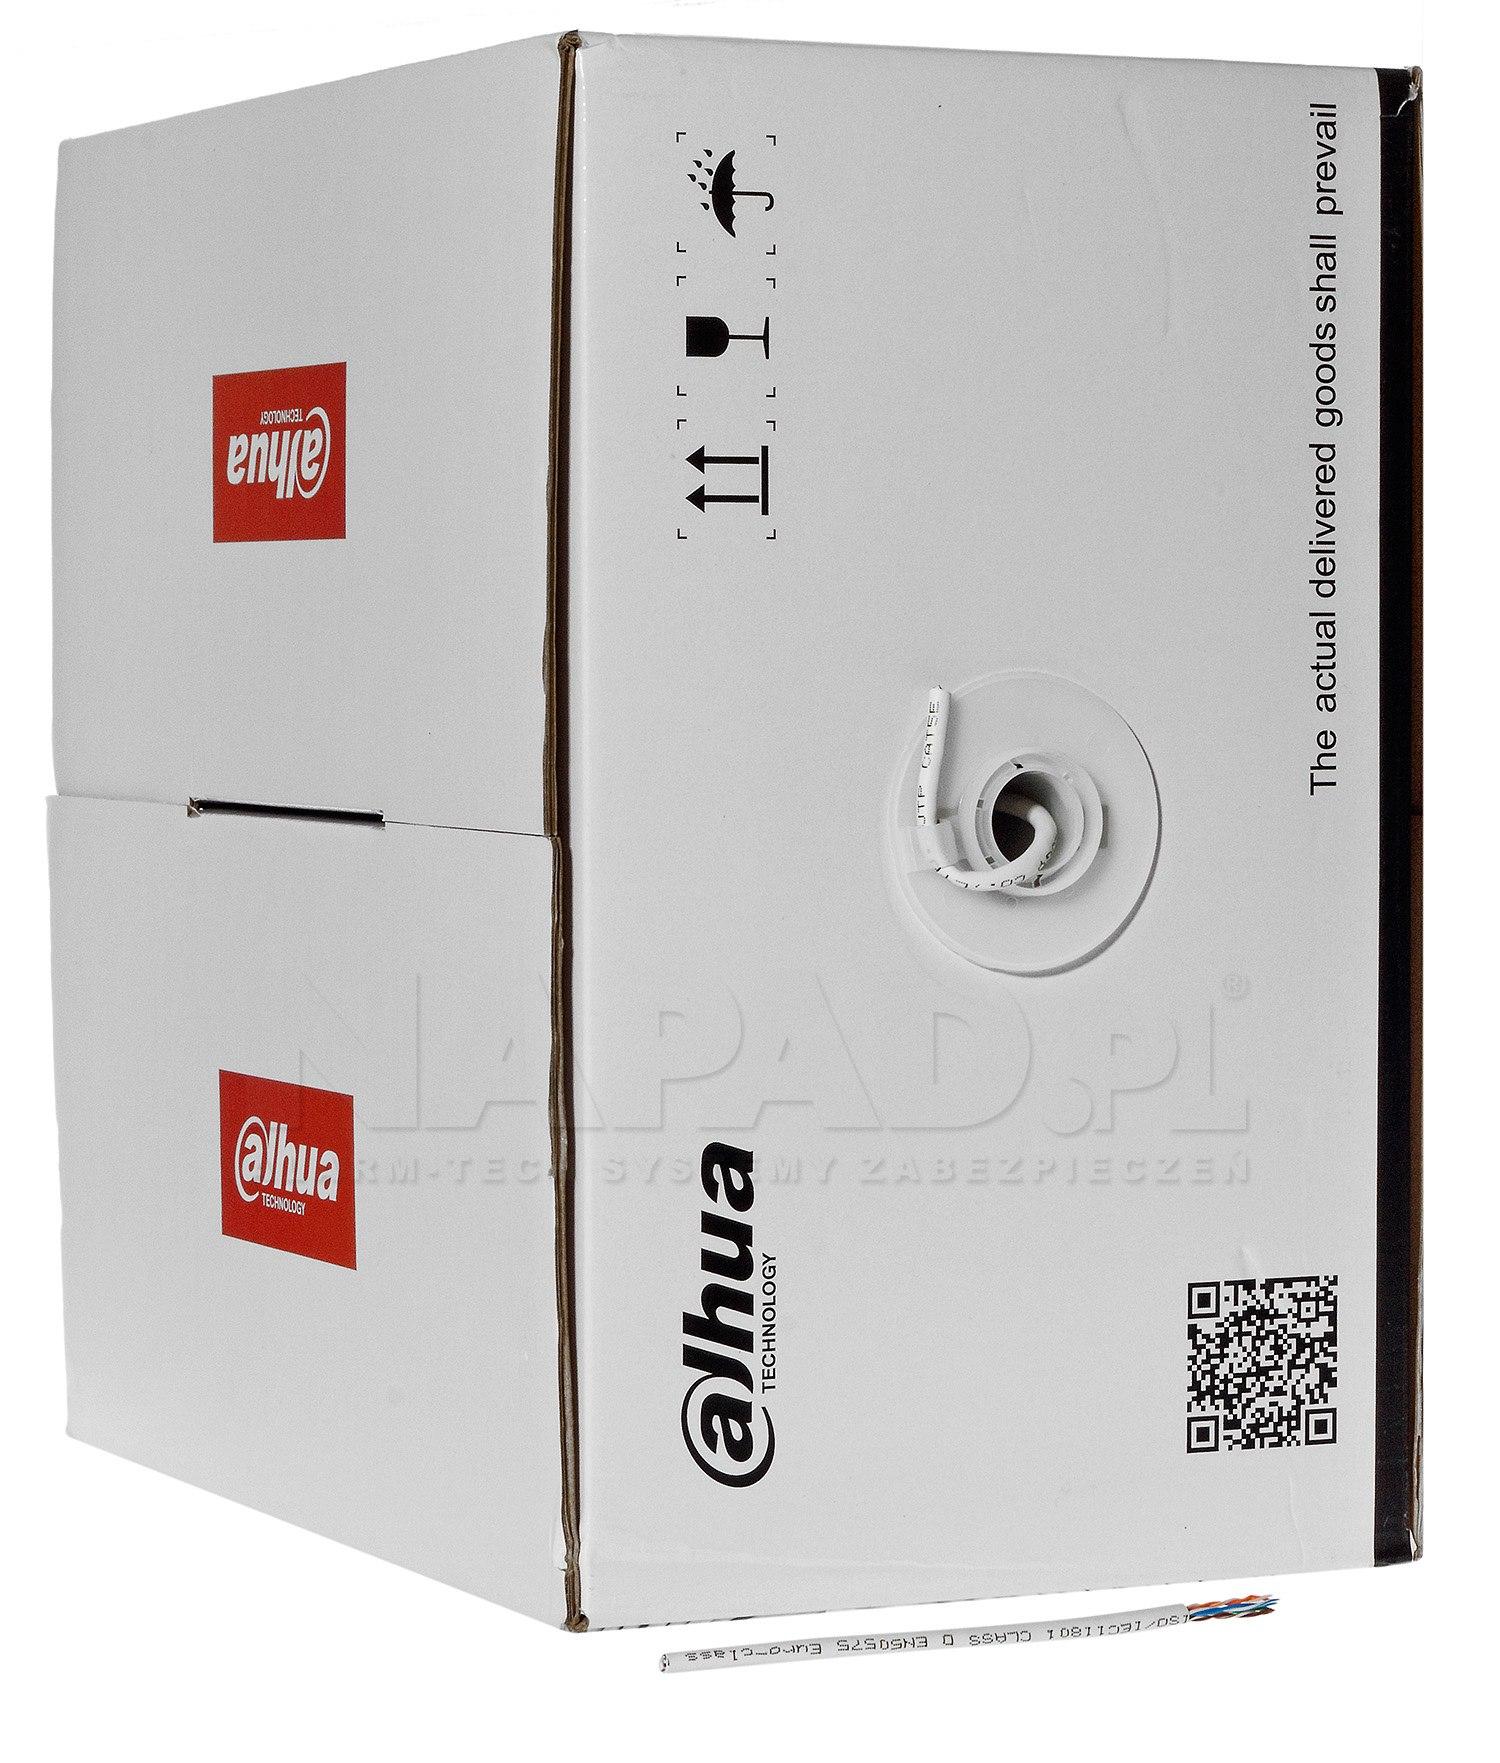 Kabel LAN U/UTP kat.5e Dahua PFM920I-5EUN 305m